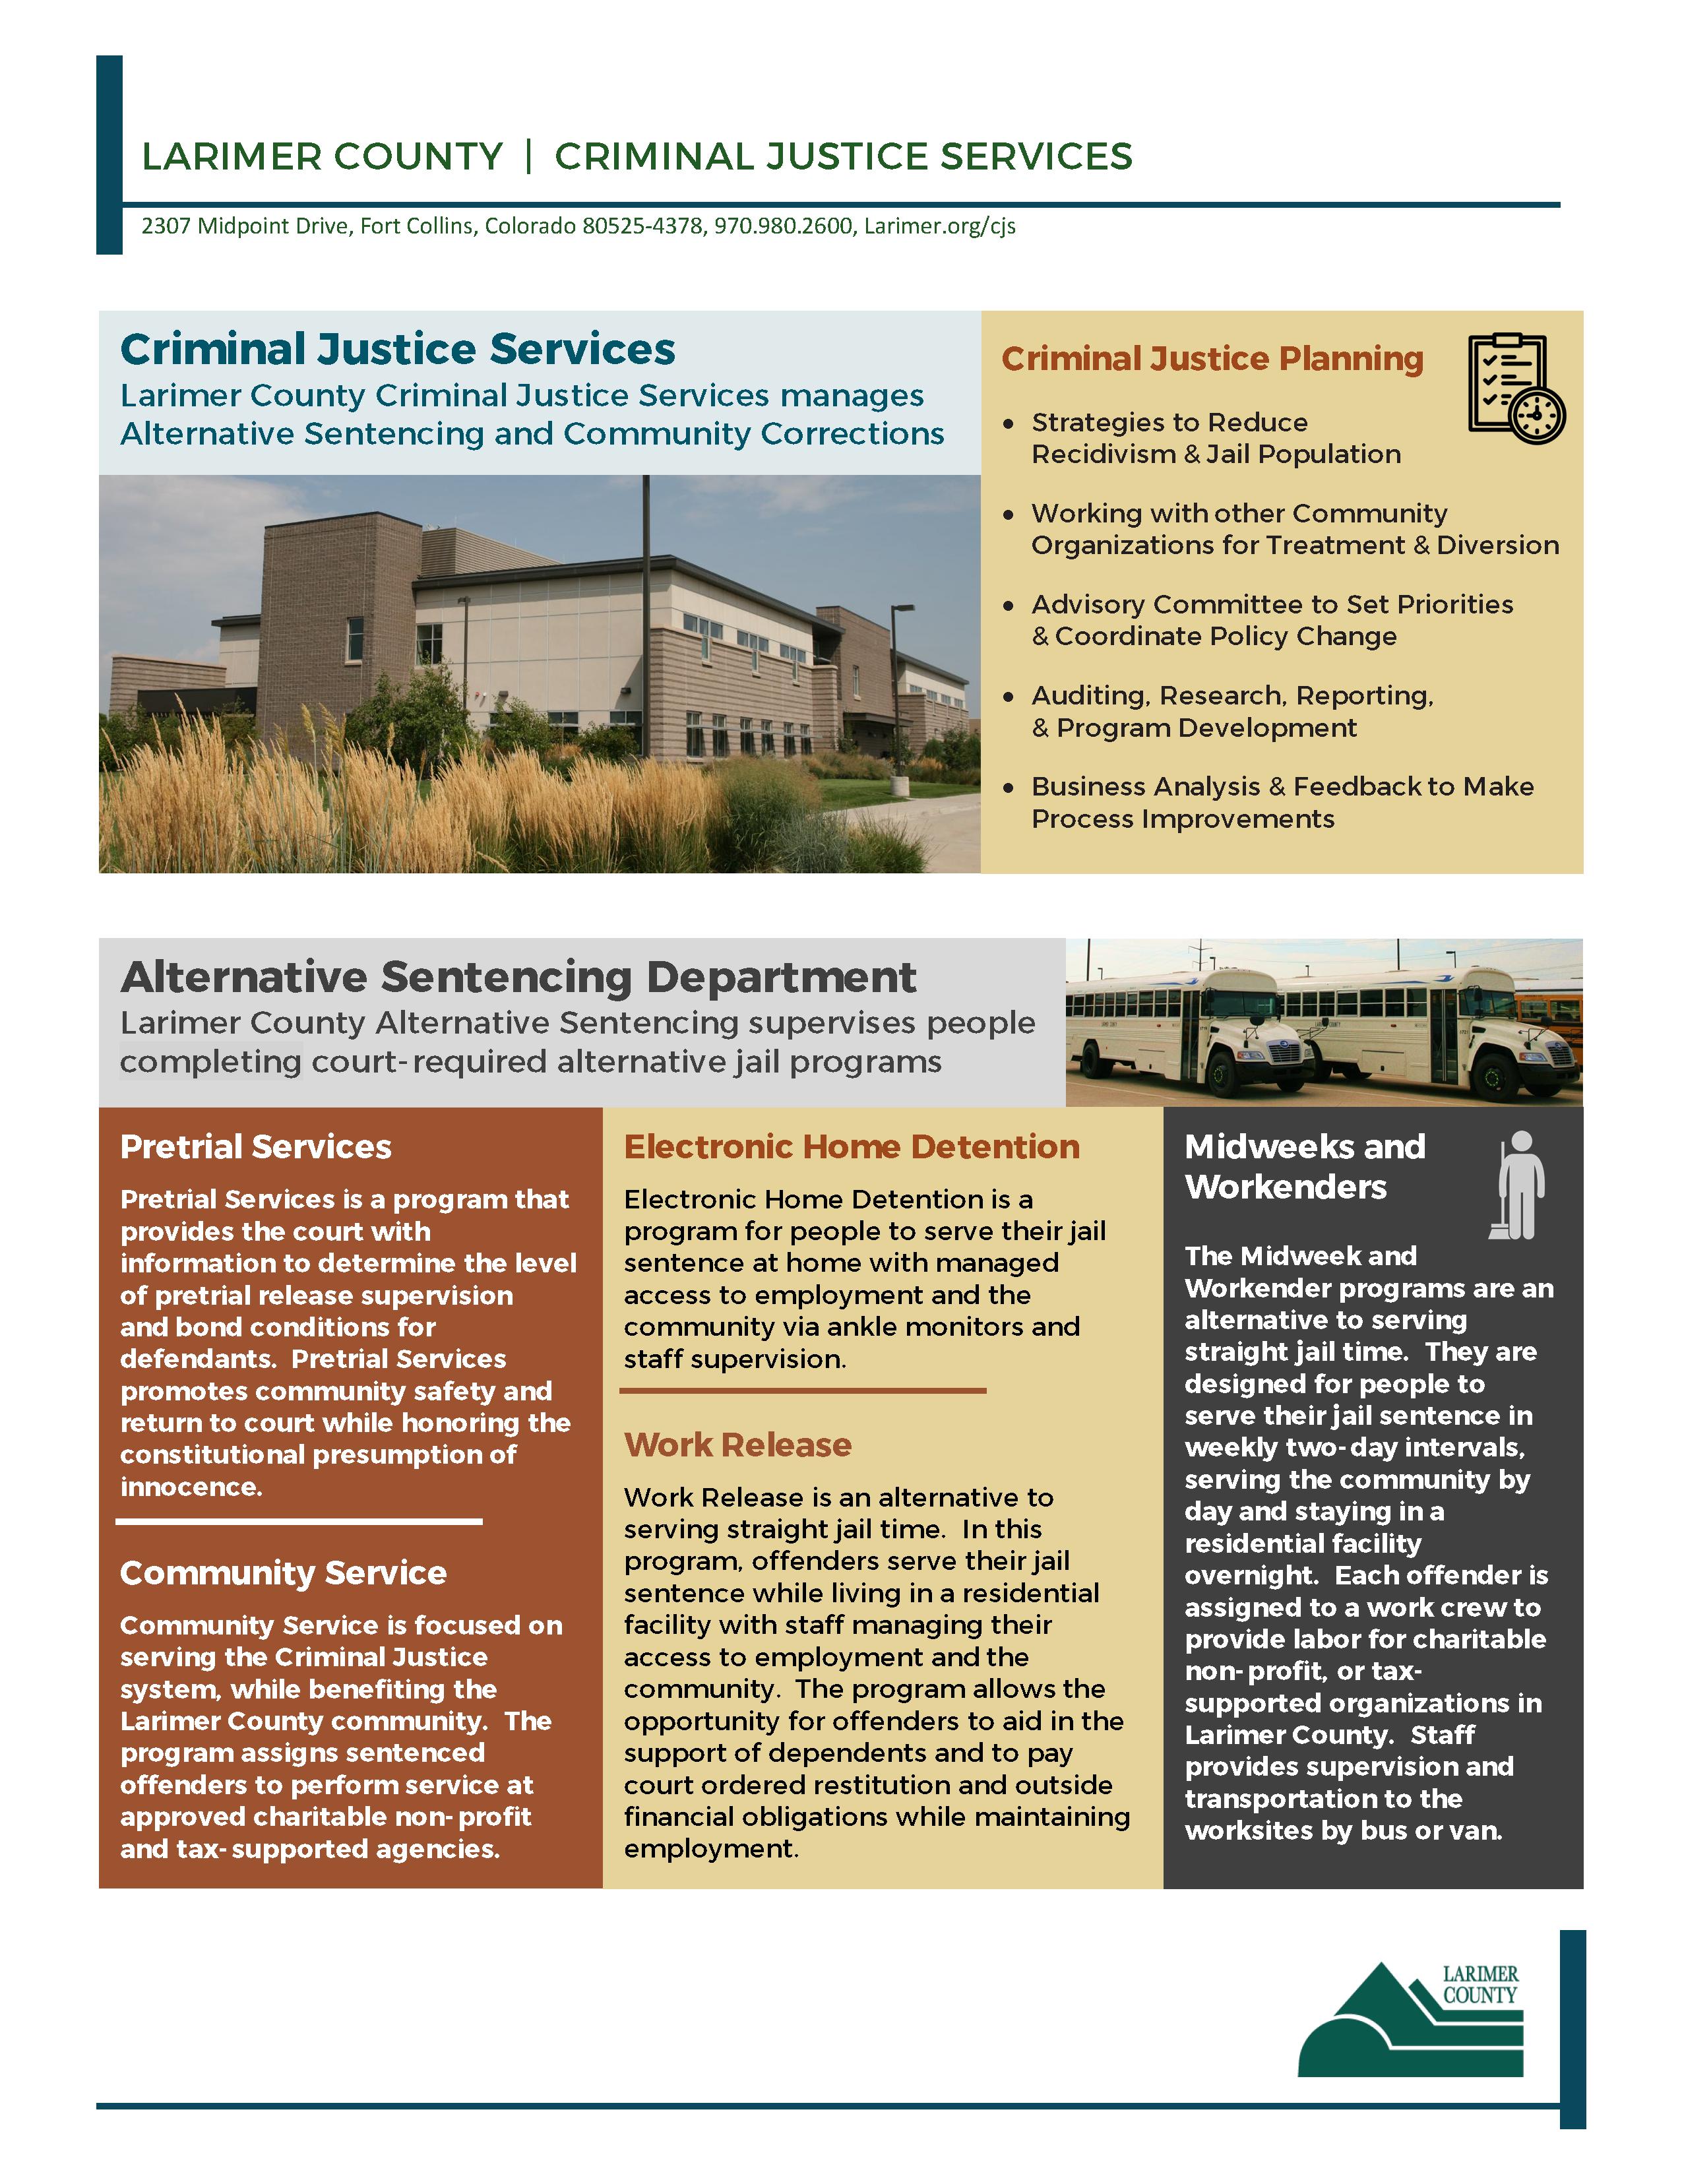 Imagen 1: Descripción general de los programas CJS - Página 1 de 2